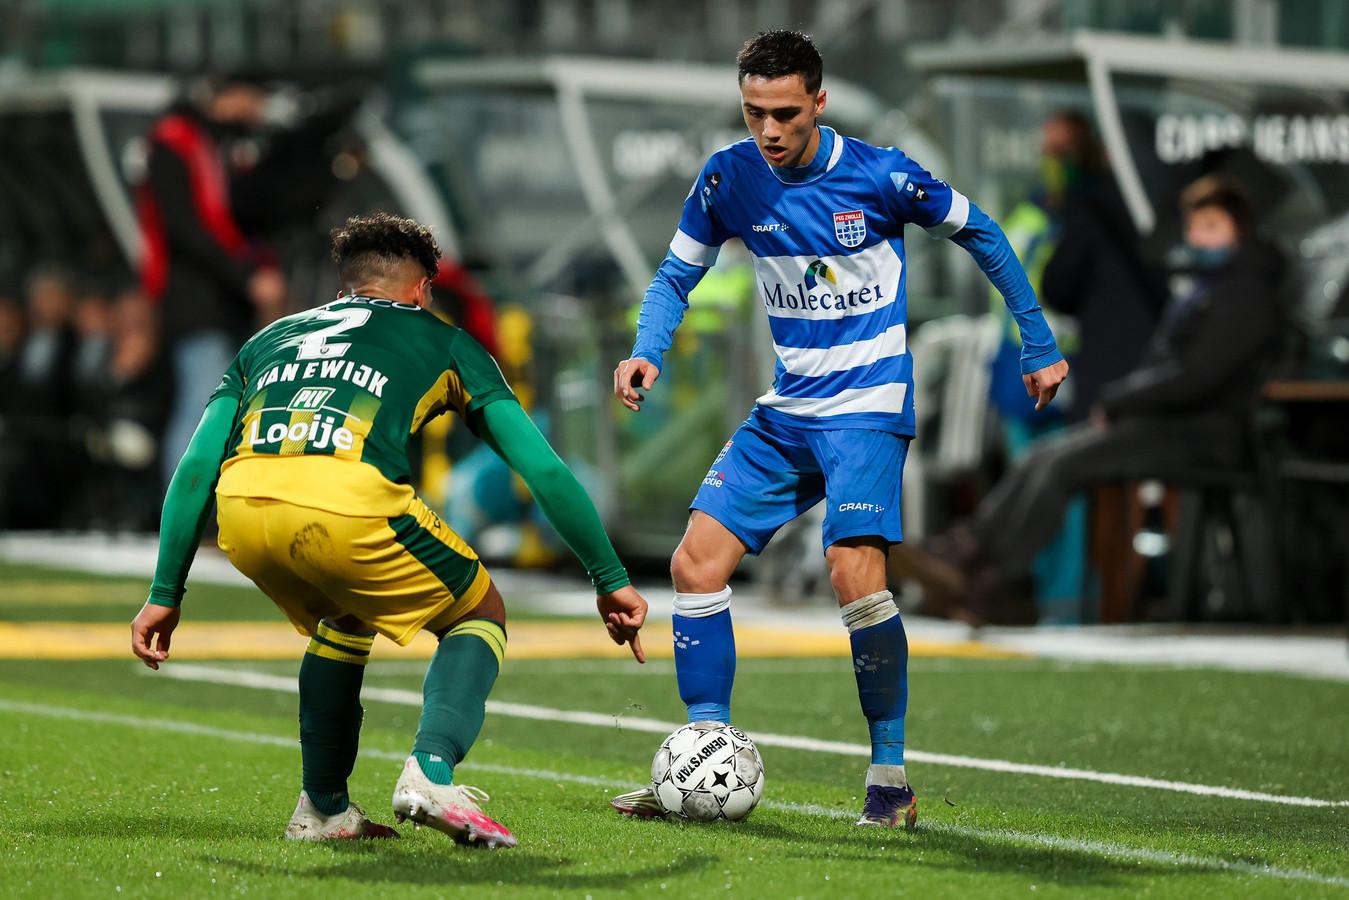 De voetbalwereld drijft op spelershandel. Vandaar dat clubs moeten blijven investeren in de jeugdopleiding. PEC deed dat onder meer in Eliano Reijnders (rechts).